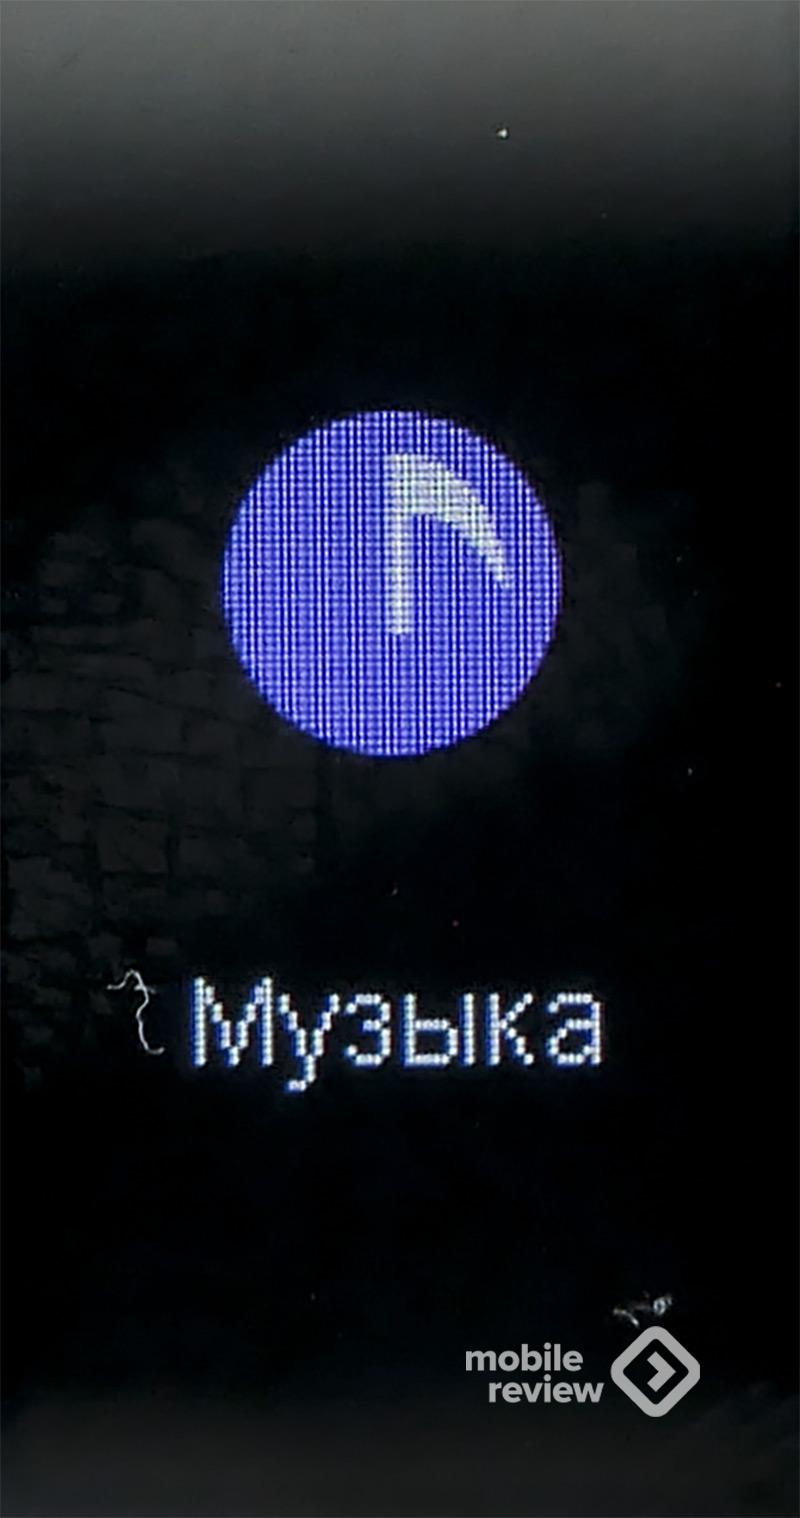 Быстрый обзор смарт-браслета со встроенными наушниками за 2000 рублей – Kumi SmartBandN8